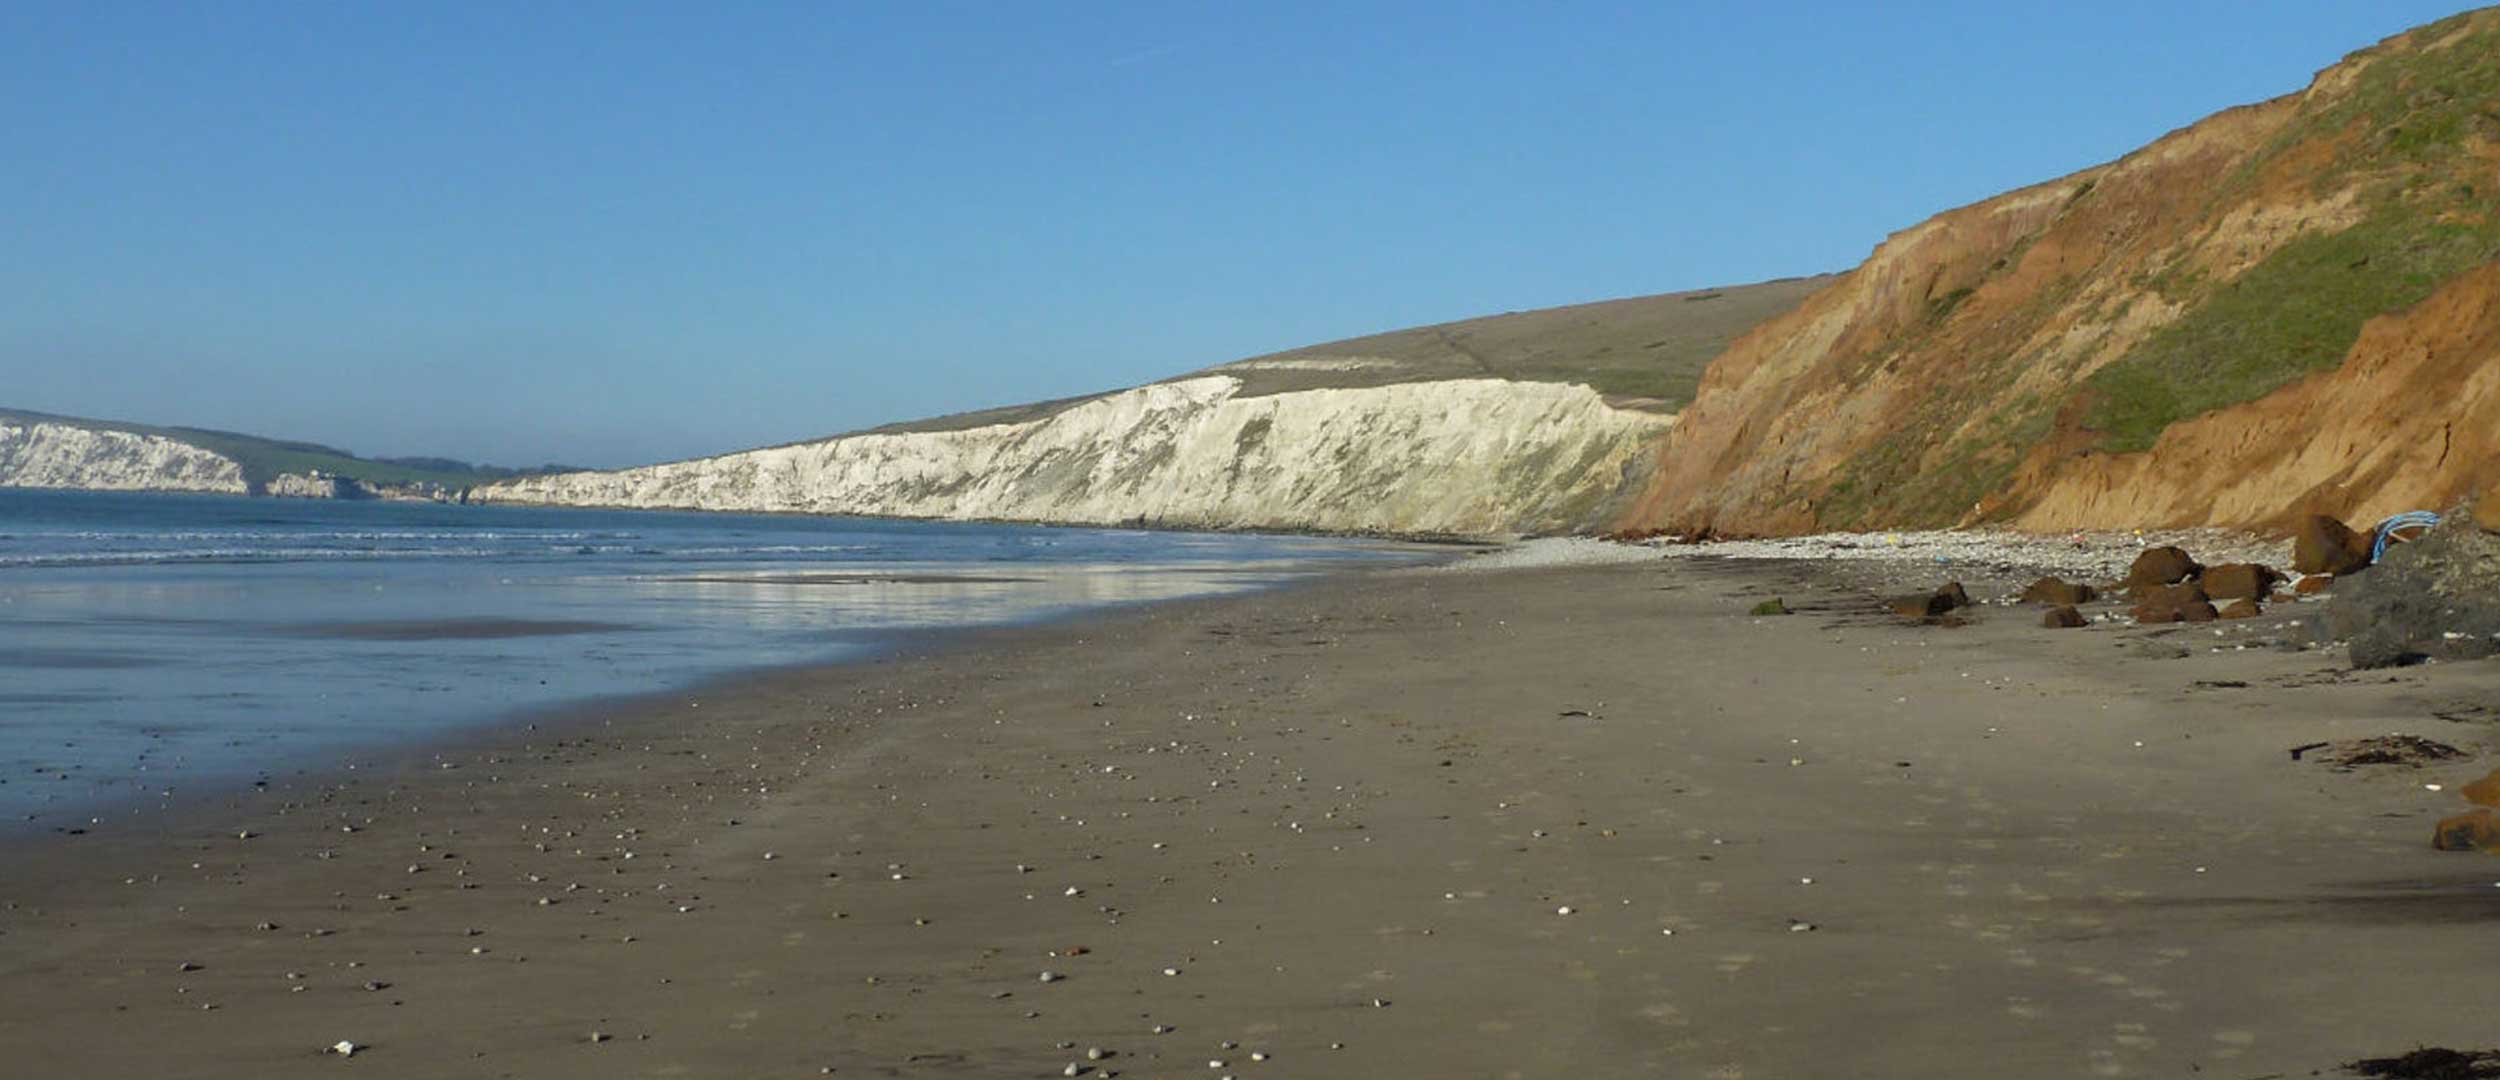 Compton Koyu, Wight Adası